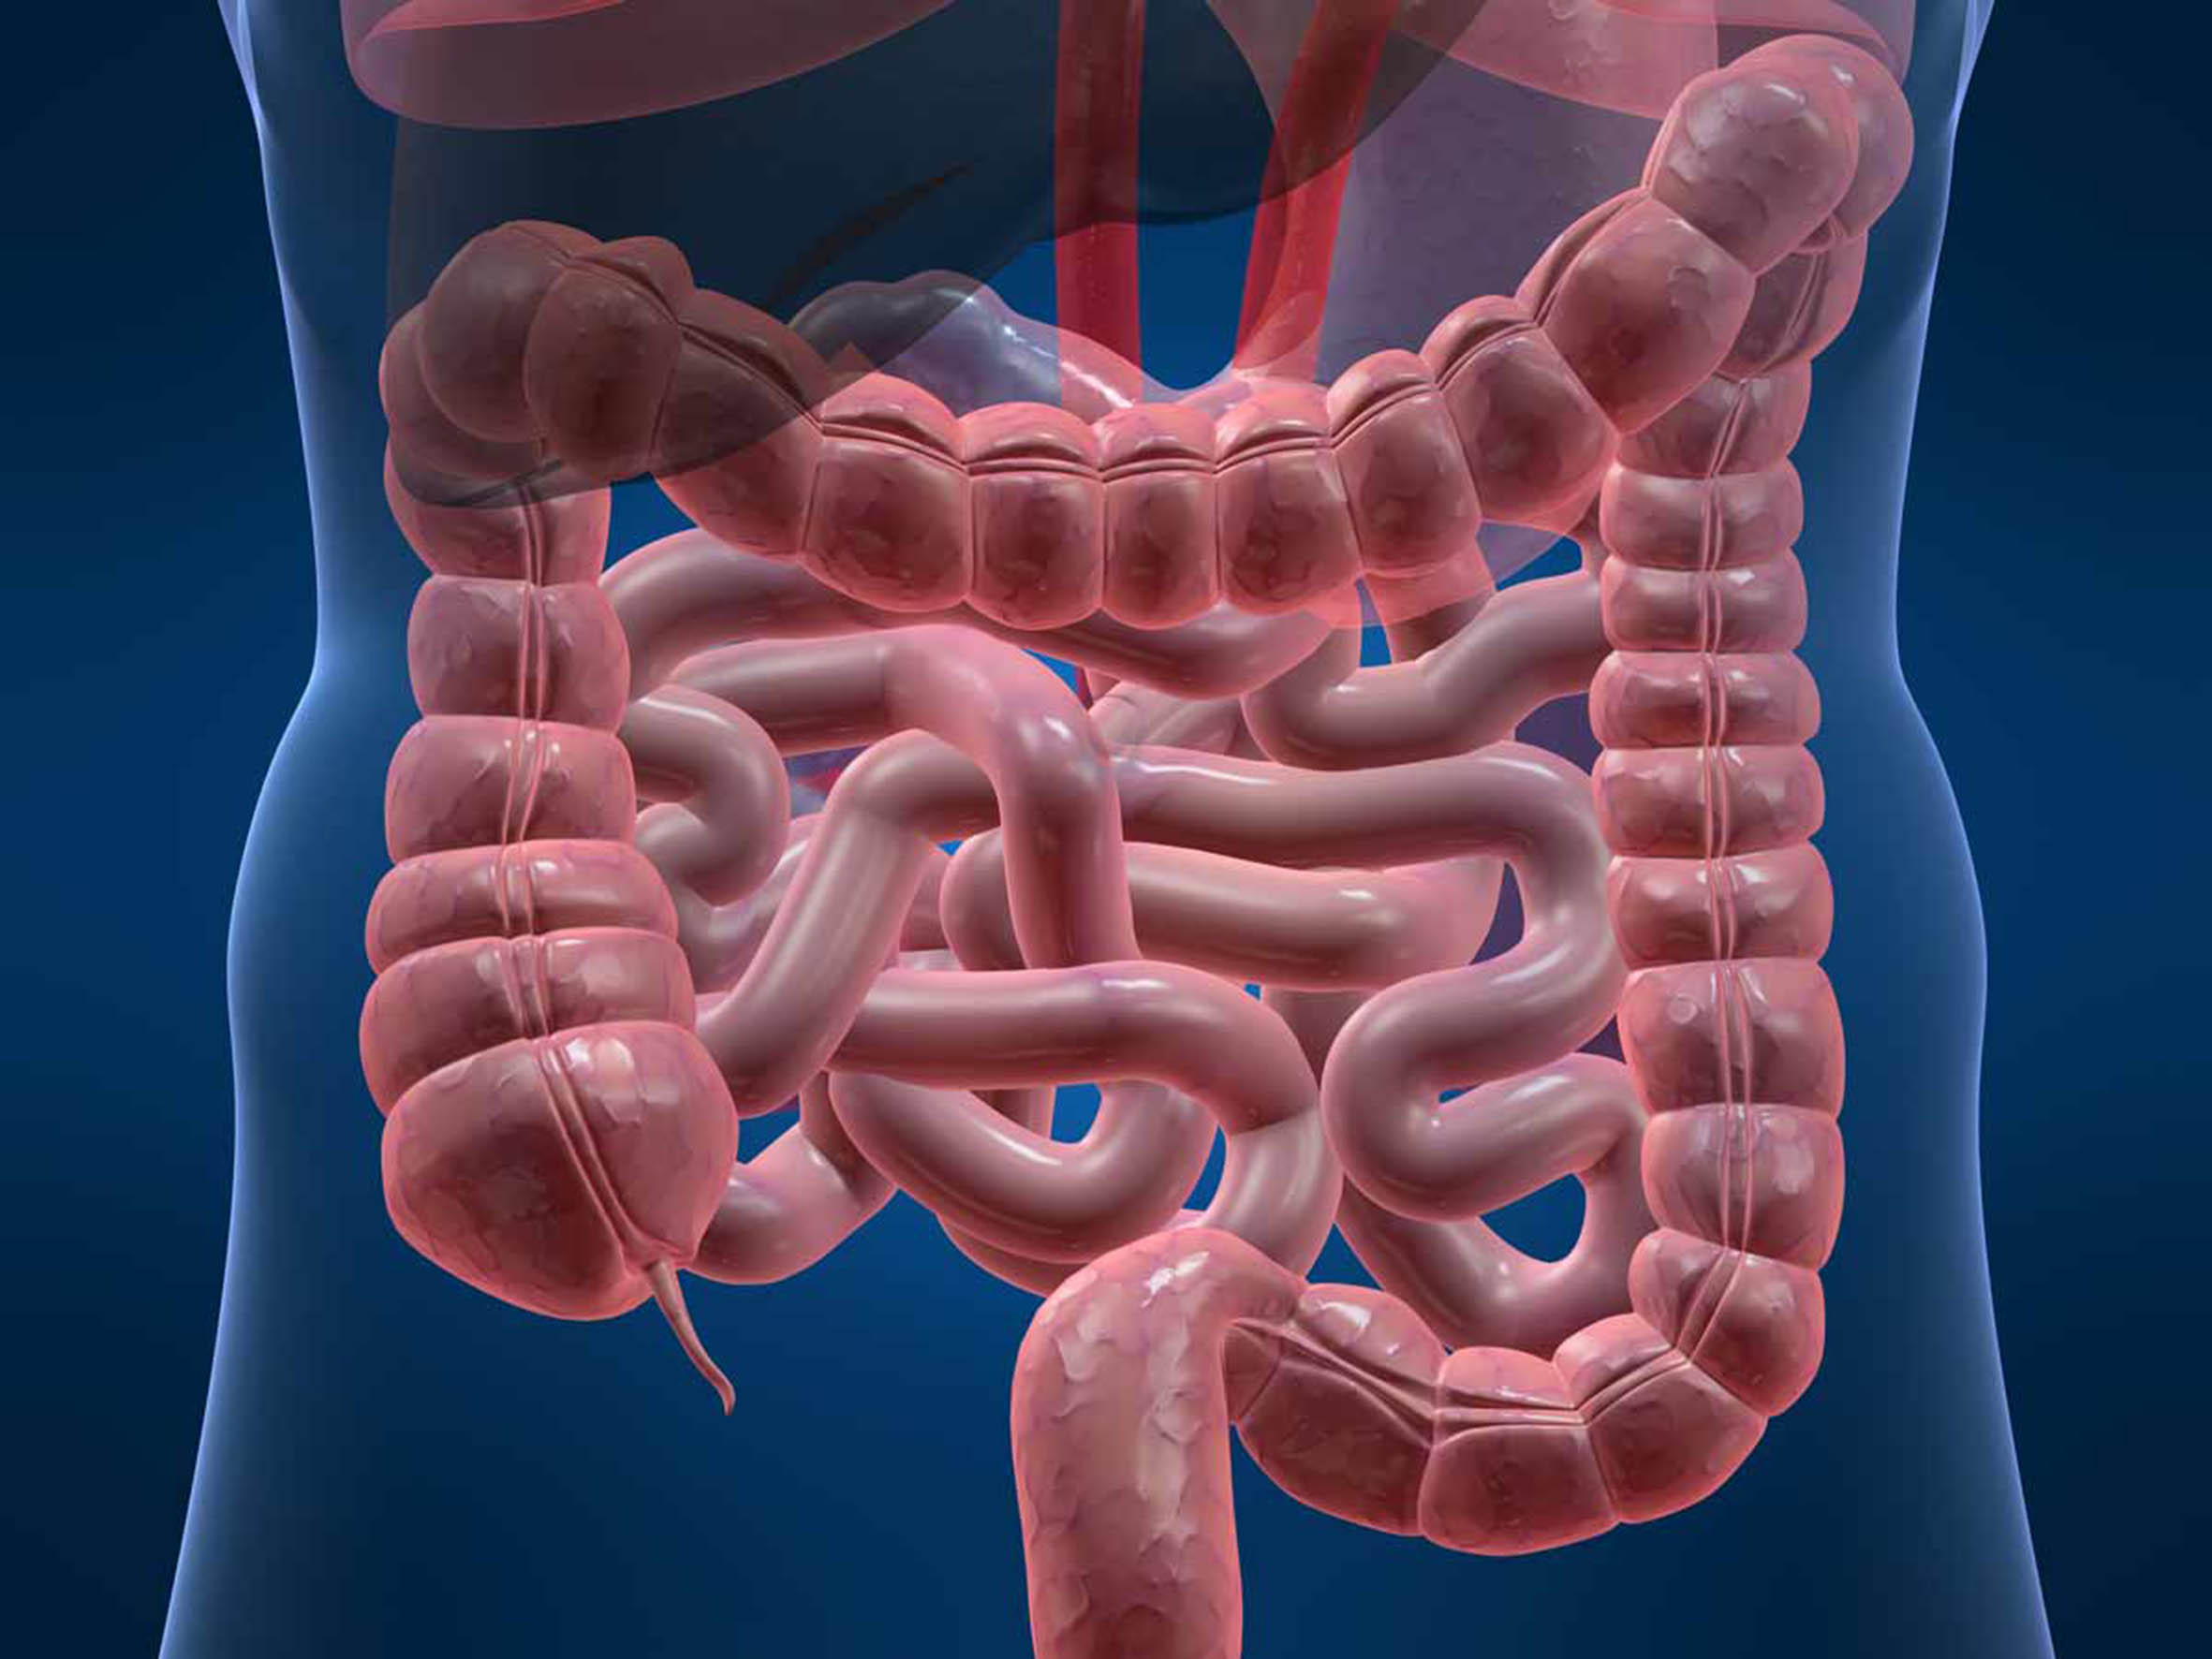 Vistoso Tracto Gastrointestinal Composición - Imágenes de Anatomía ...